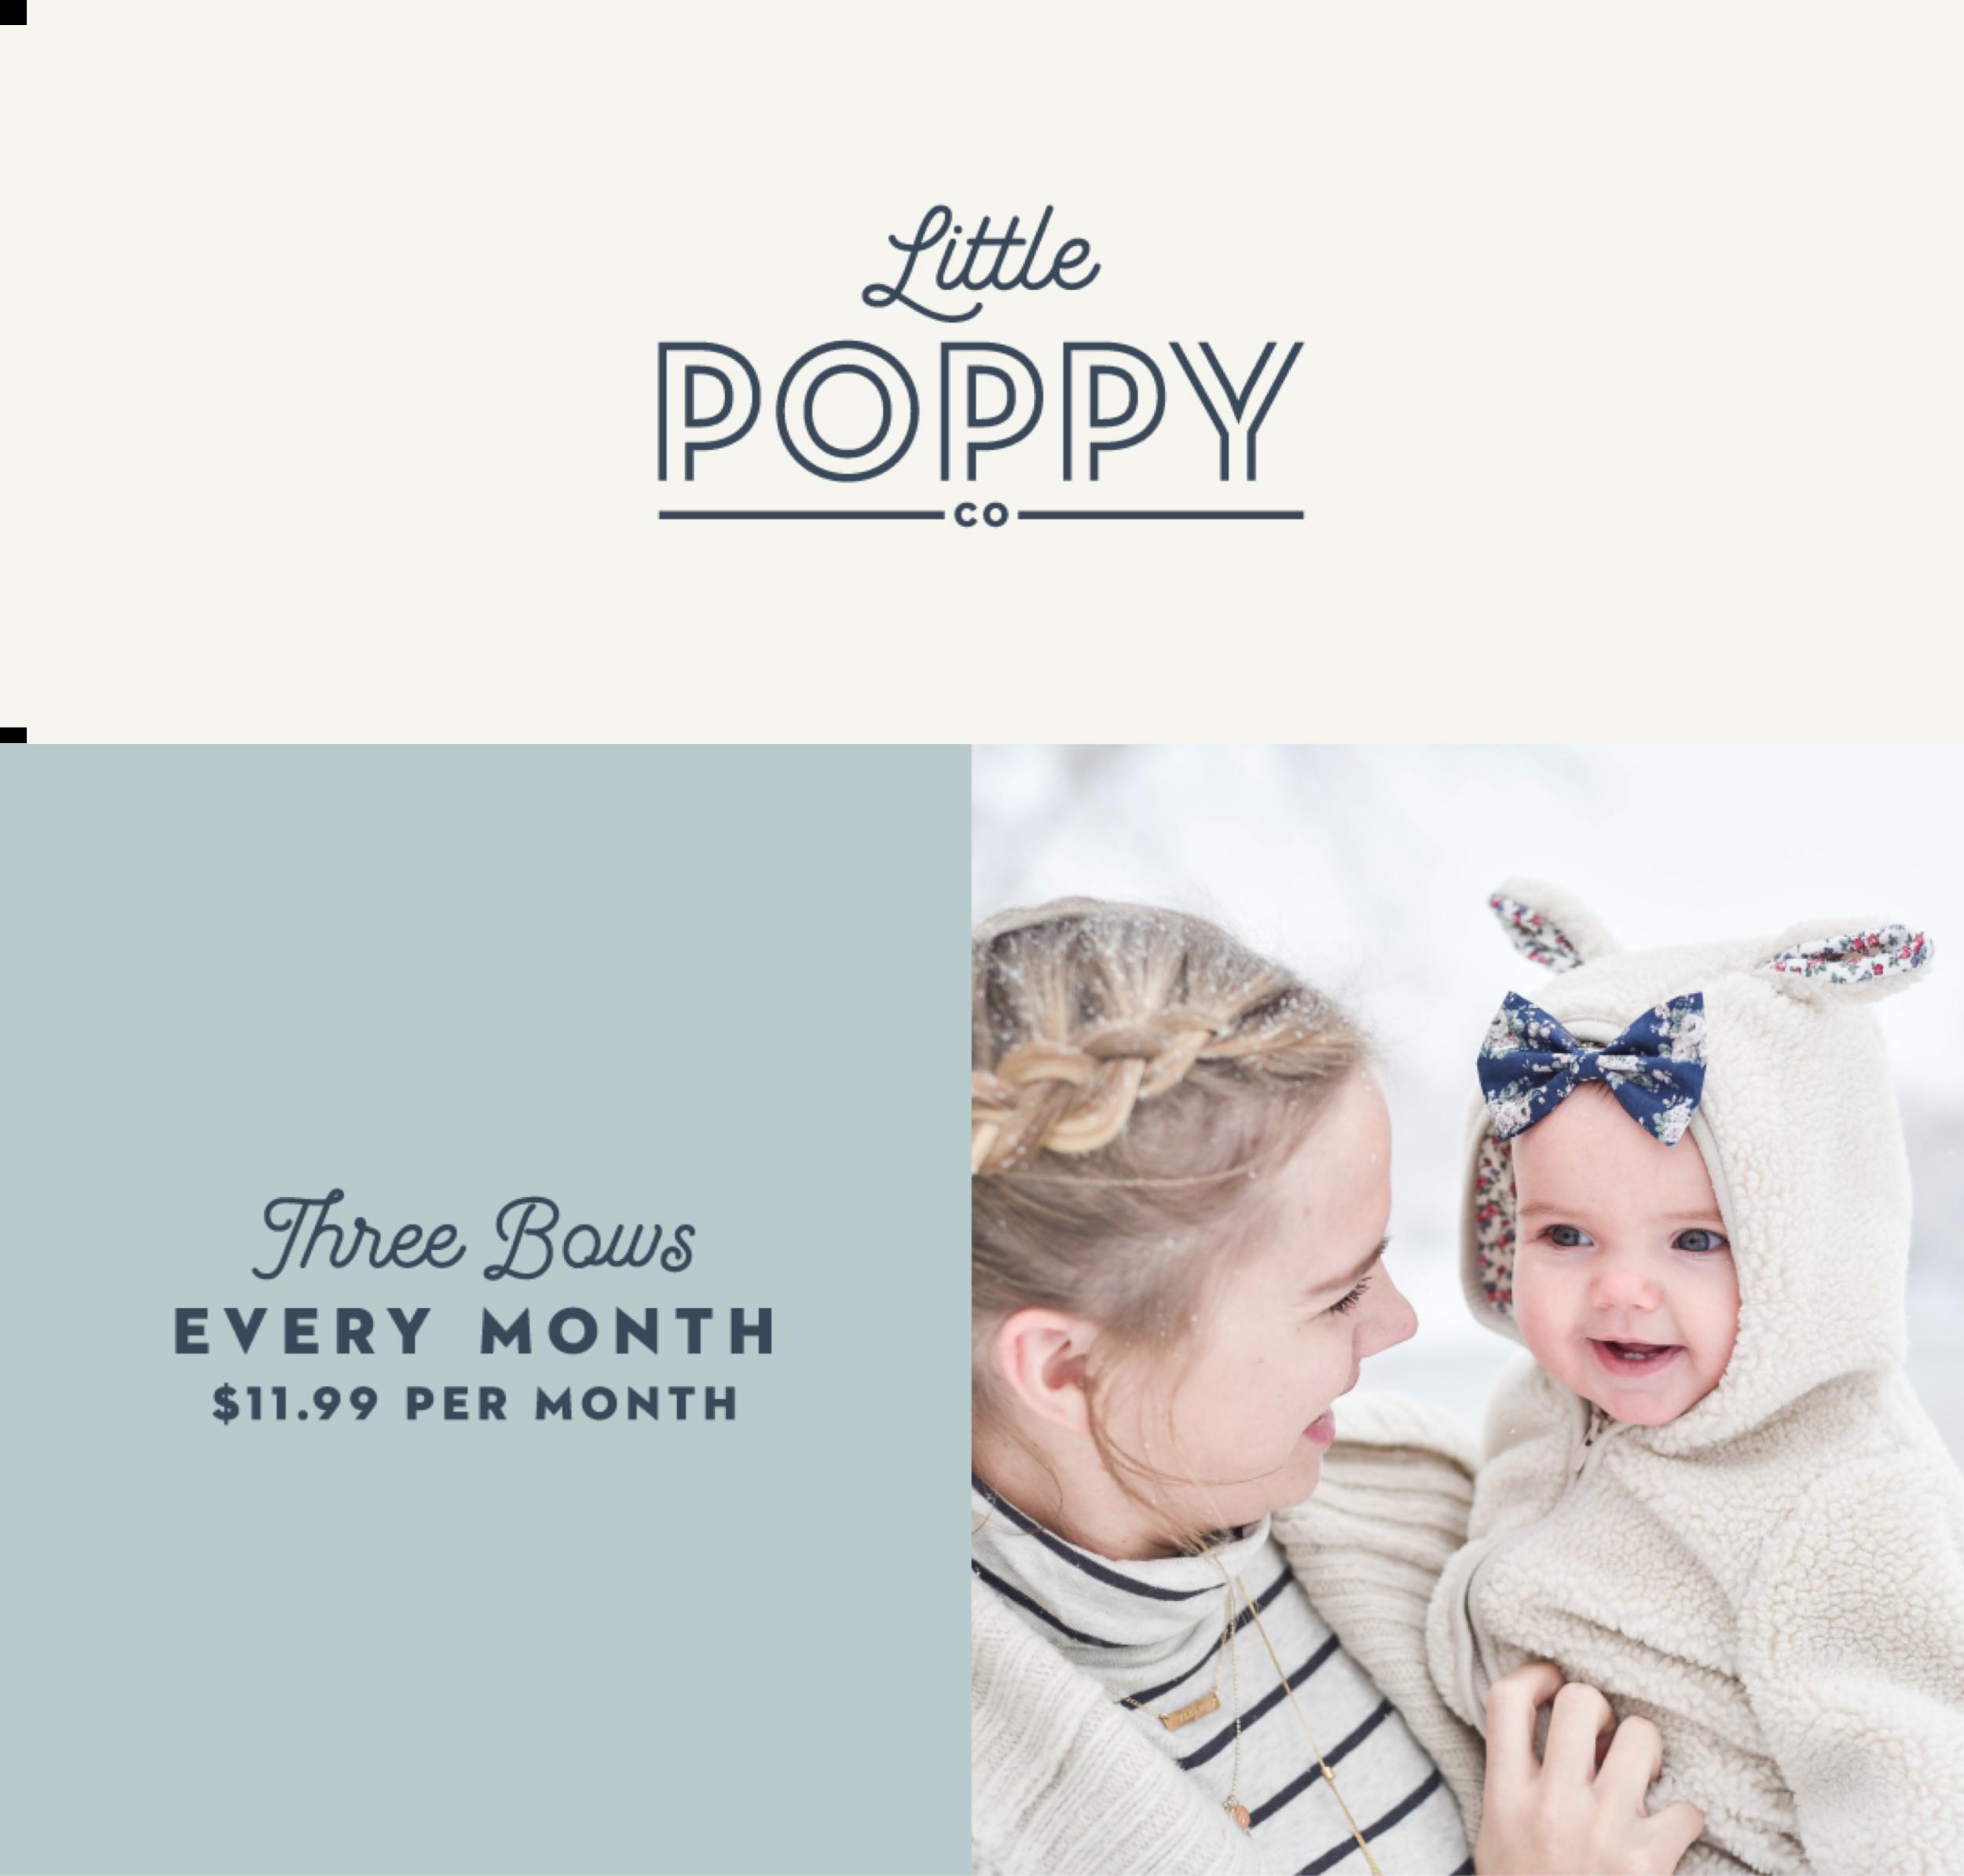 Little Poppy Co Copy 6.png